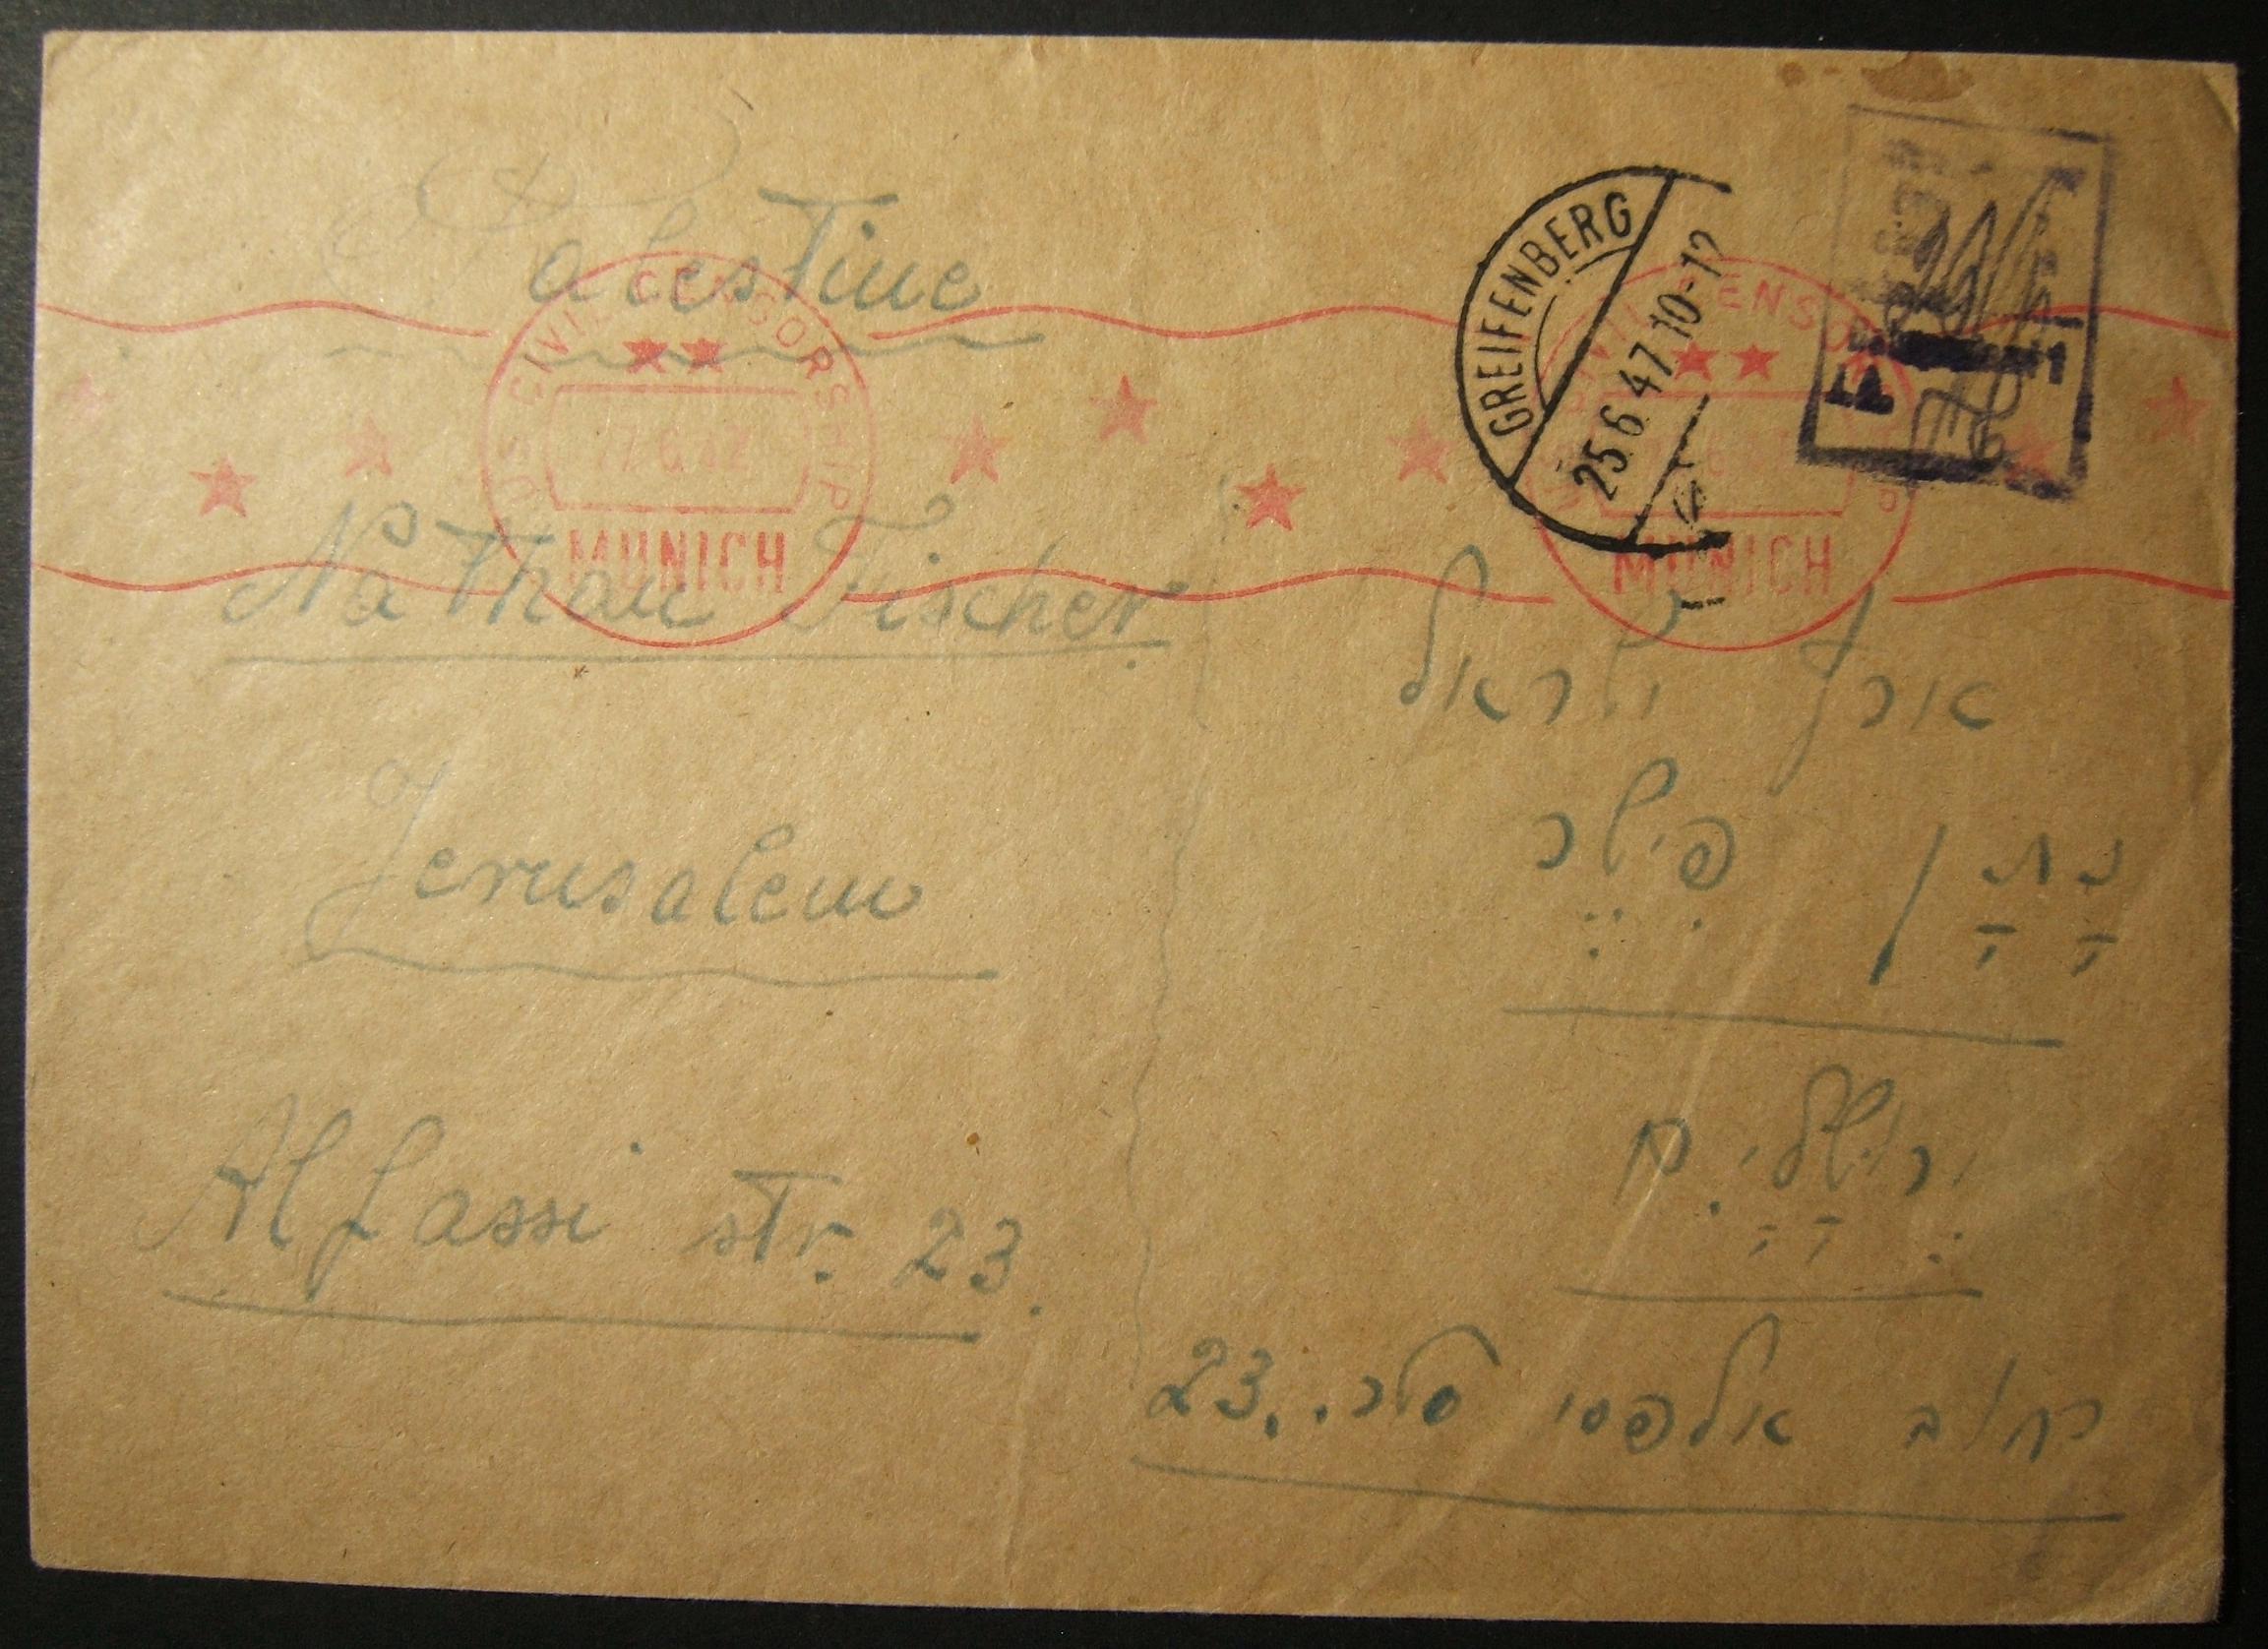 6/1947 بريد إلكتروني ما بعد الحرب العالمية الثانية / الهولوكوست من المعسكر الصهيوني GREIFENBERG إلى JERUSALEM